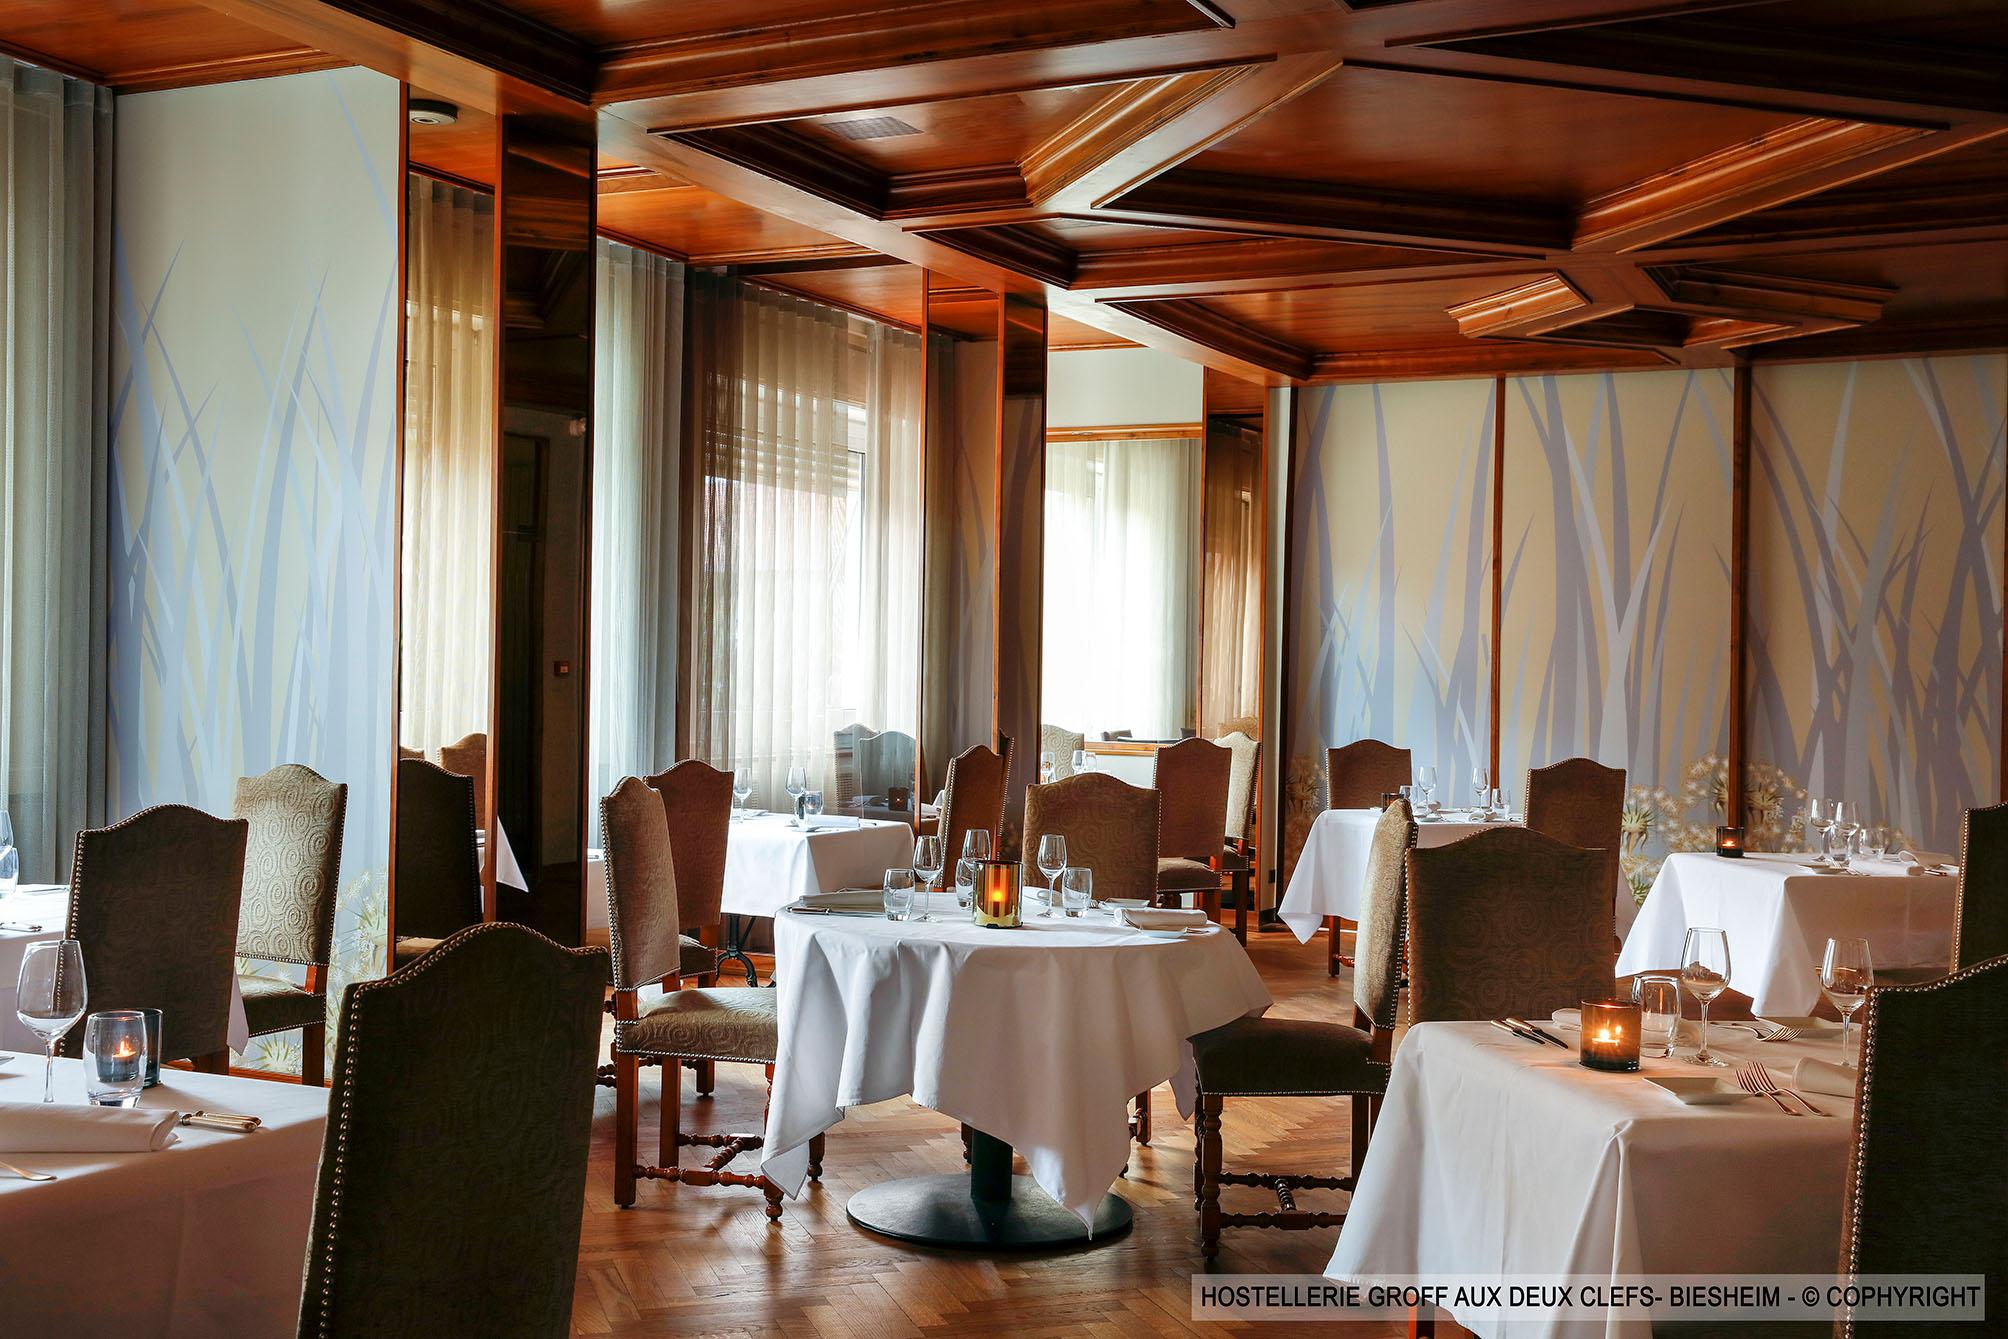 Restaurant Terrasse Groff 68 Alsace